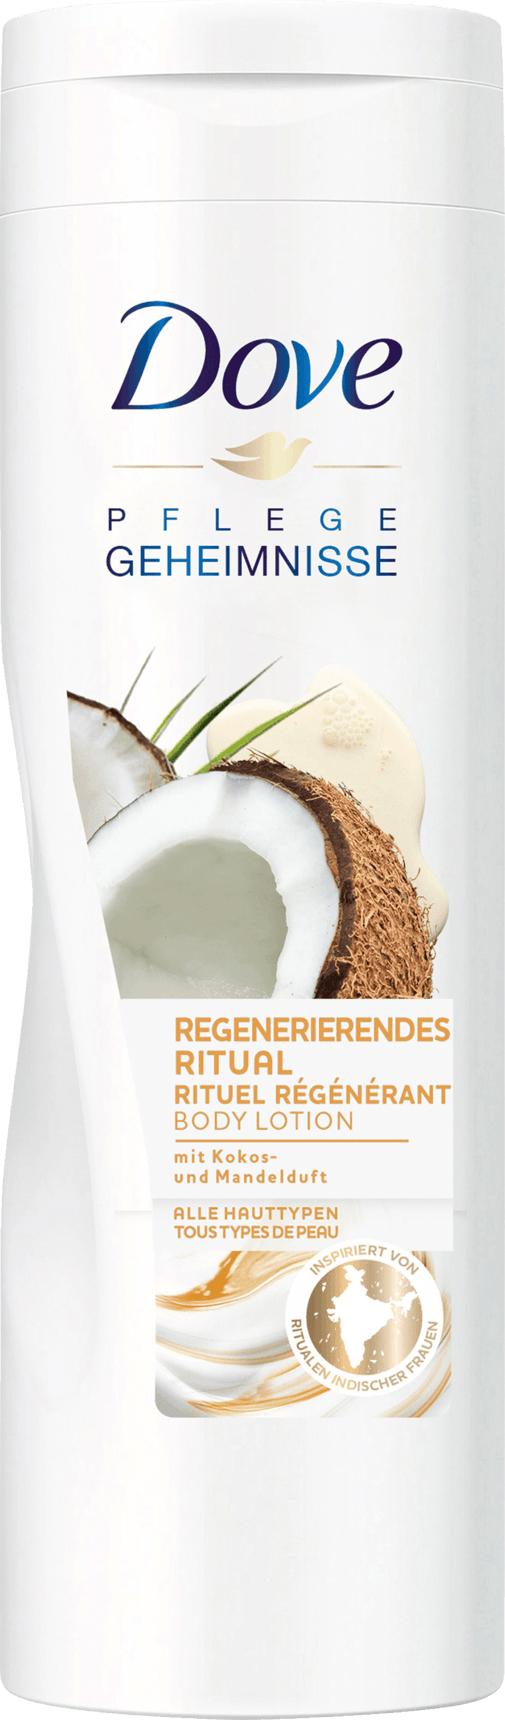 Fotografie Dove Restoring Ritual pečující tělové mléko 250 ml